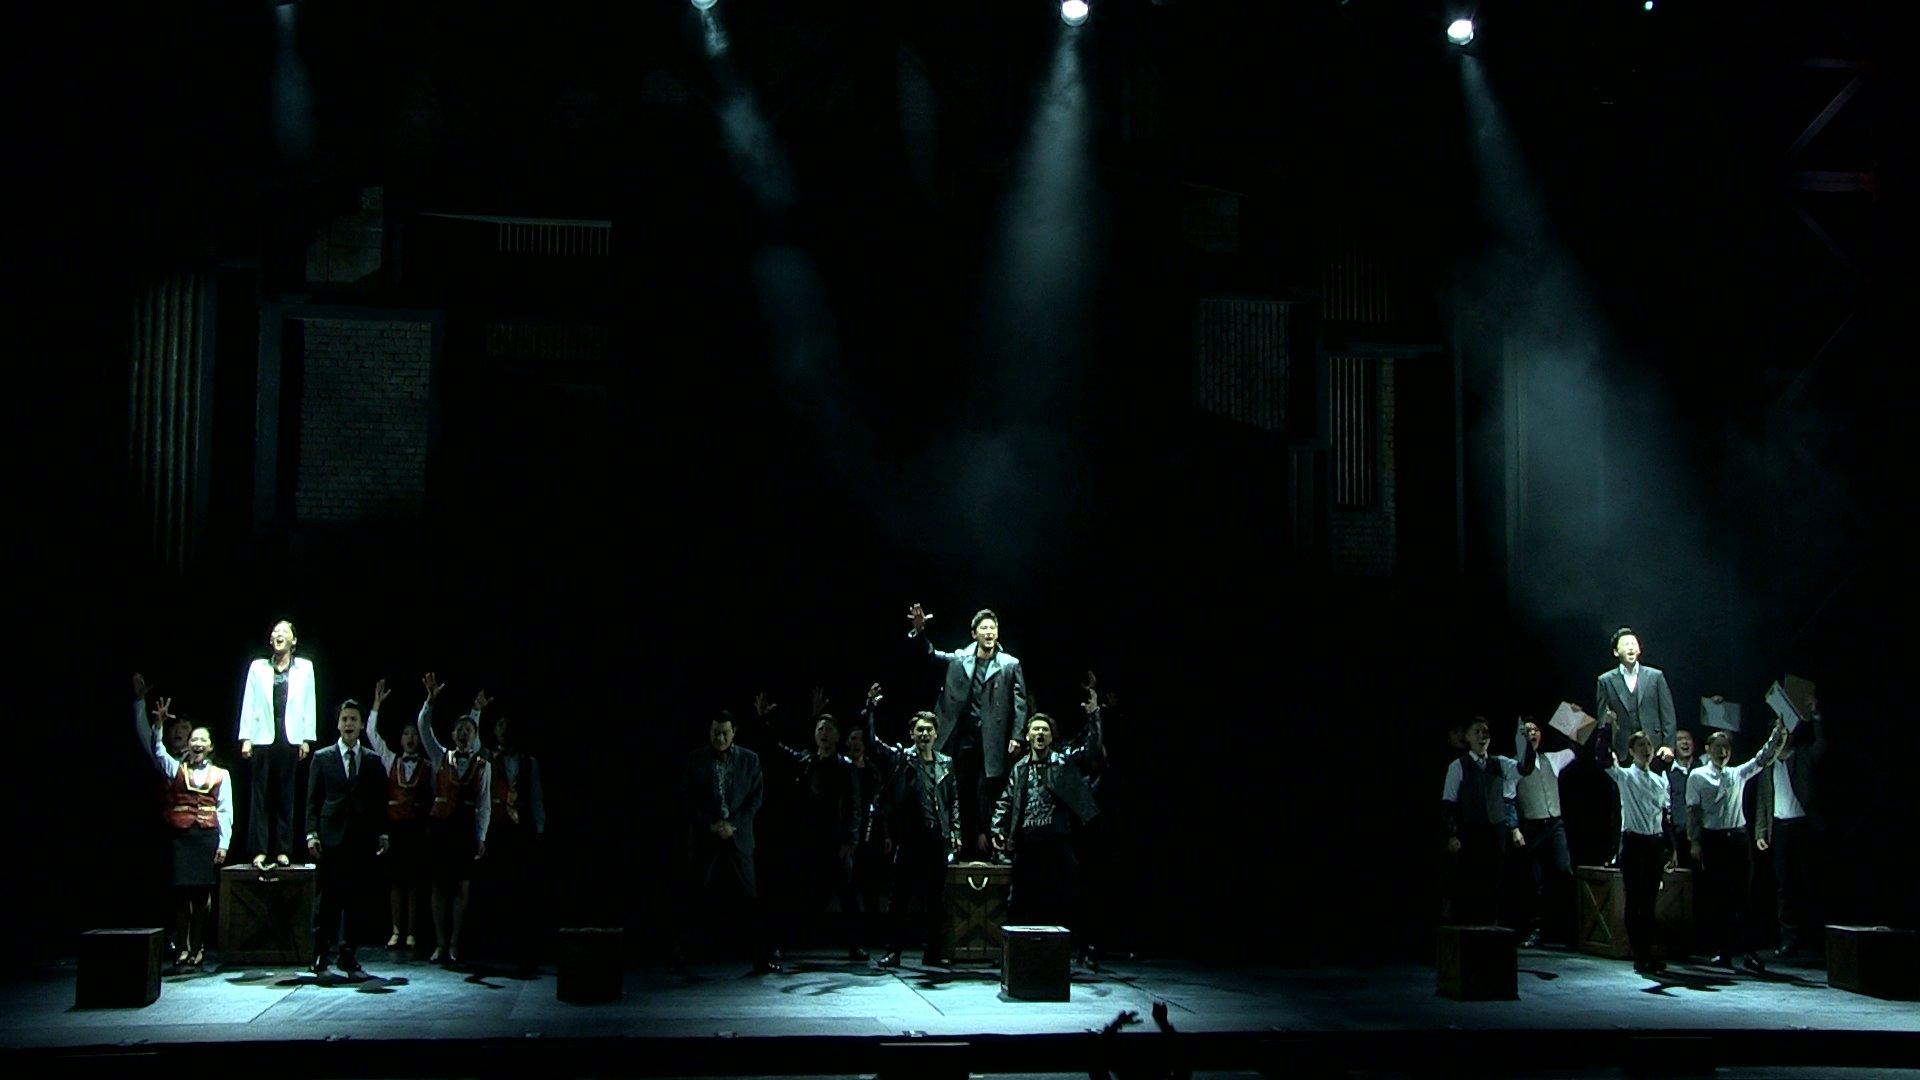 <모래시계> 세상 너머로 - 김우형, 장은아, 박건형, 박성환, 이정열, 김산호, 손종학 외